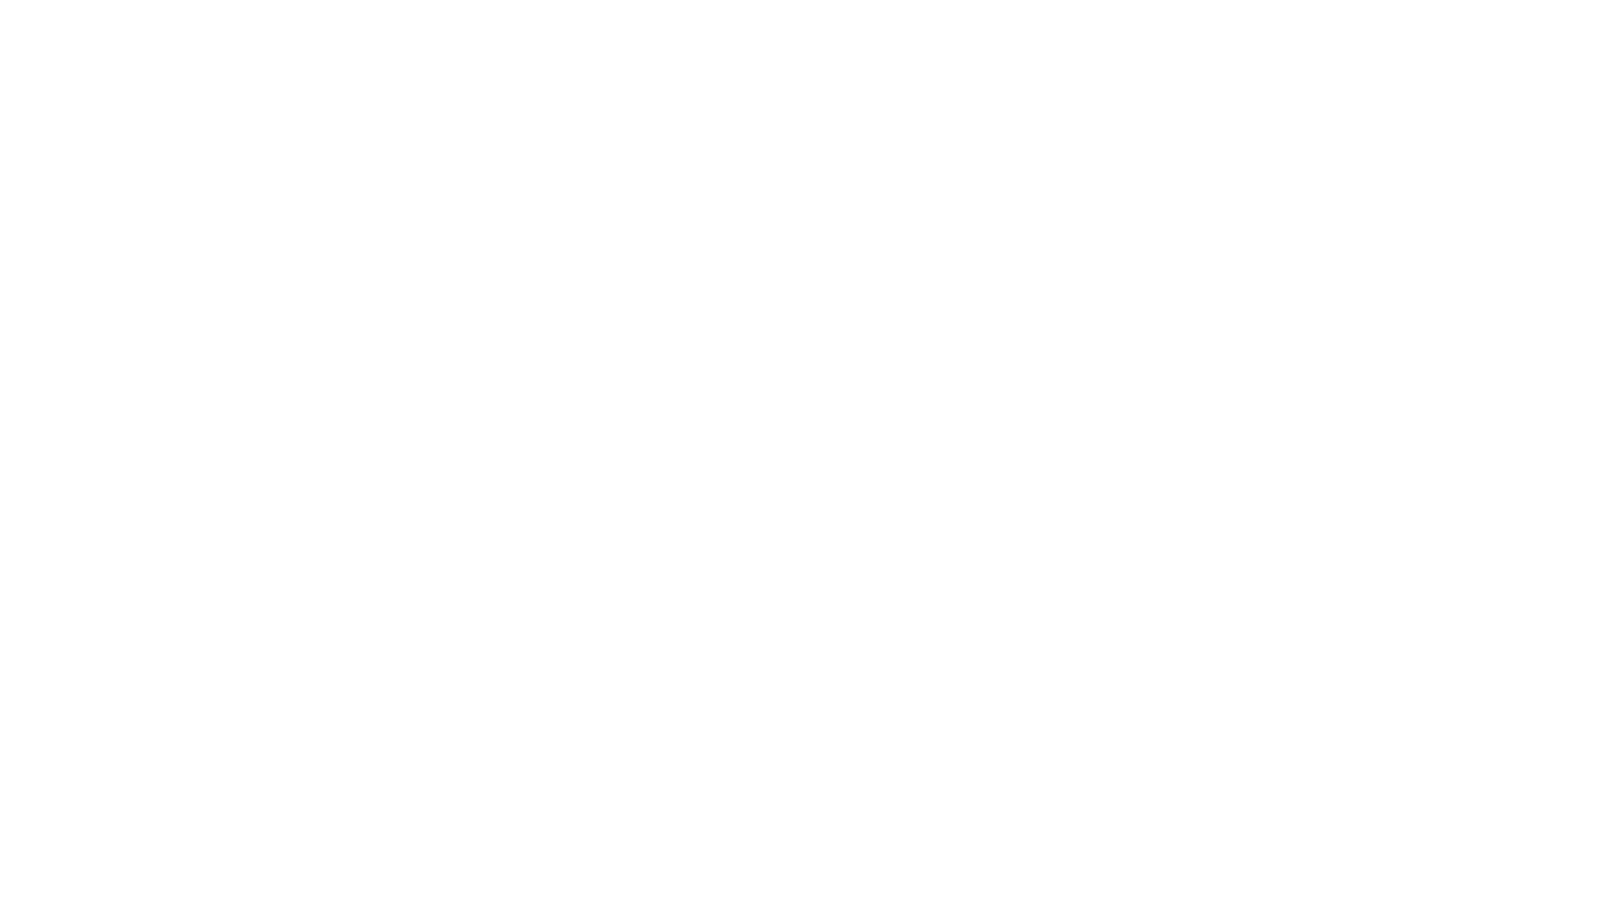 """New video about the savagery and human roots of the Forest.🍃 Nouvelle vidéo à propos de la sauvagerie et du retour aux sources humaines de la Forêt.🍃 'EP """"B your own star"""" disponible ici    available here 🌠https://b-astre.com/🌠  Clin d'oeil à Rise for Climate Partagez c'est sympa  Et l'eco-conscience collective qui s'active même si tout parait décourageant A la passion et la grimpe des arbres     🌎 Mix et Master : 🌟Pierre Dozin Video collab 🌟Studio Stef Avec la participation de 🌟Kim-Amelyn Loiseau (Ailes Aimant feu) https://www.facebook.com/AILES.A.FEU & 🌟Mami Kitagawa https://www.facebook.com/Mami.Circus.Artist Et le merveilleux Hugues Gélis qui nous a assuré, aidé en lumière,prêté le matériel de grimpe, instruit et entrainé avec l'assistance de Lireau Li 🍃  Face Painting : La Belga face painting 💙   Tourné dans le merveilleux hameau de Saint-Fontaine à Clavier (près d'Havelange) #forest #foret #climate #ecoconscience #condroz #wallonie #popmusic #popsoul #soul #chillnbeat #femalepopartist"""